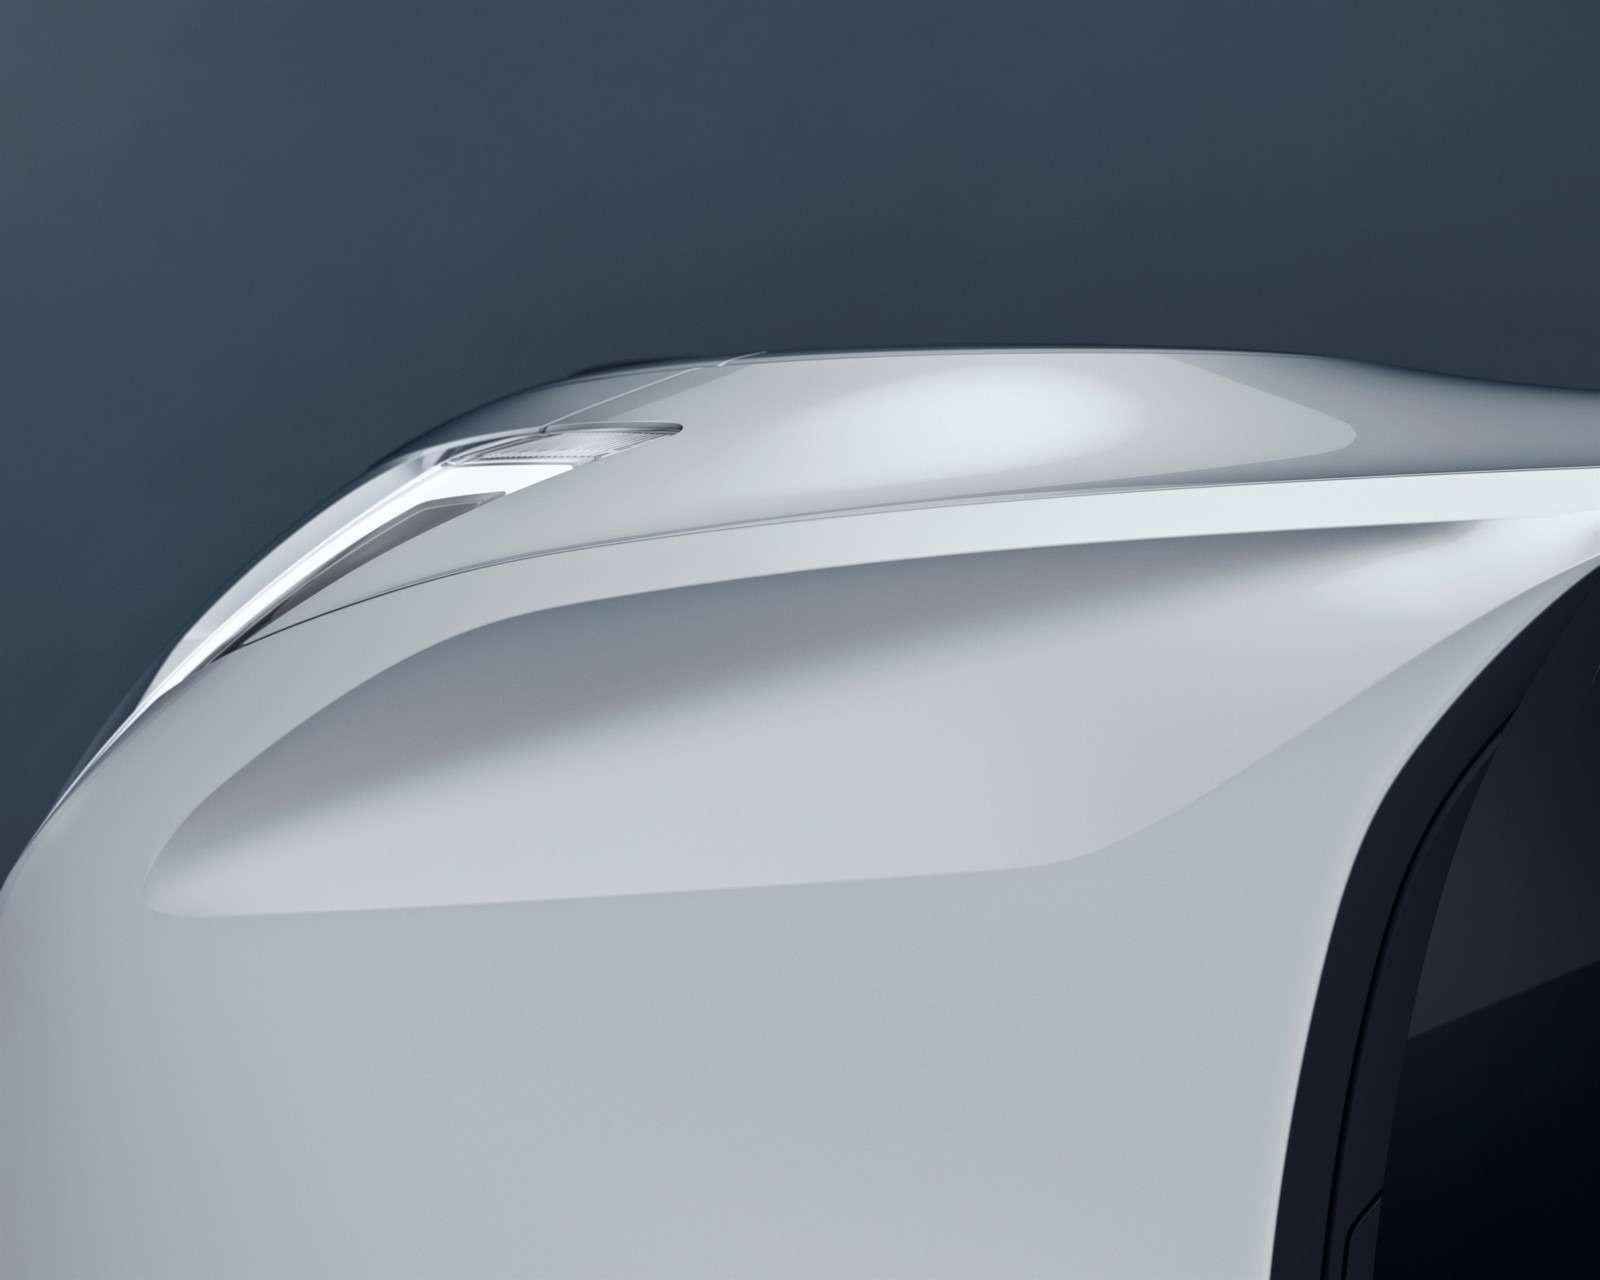 Двараза по40: Volvo анонсировала новое семейство концептуальным дублем— фото 588960